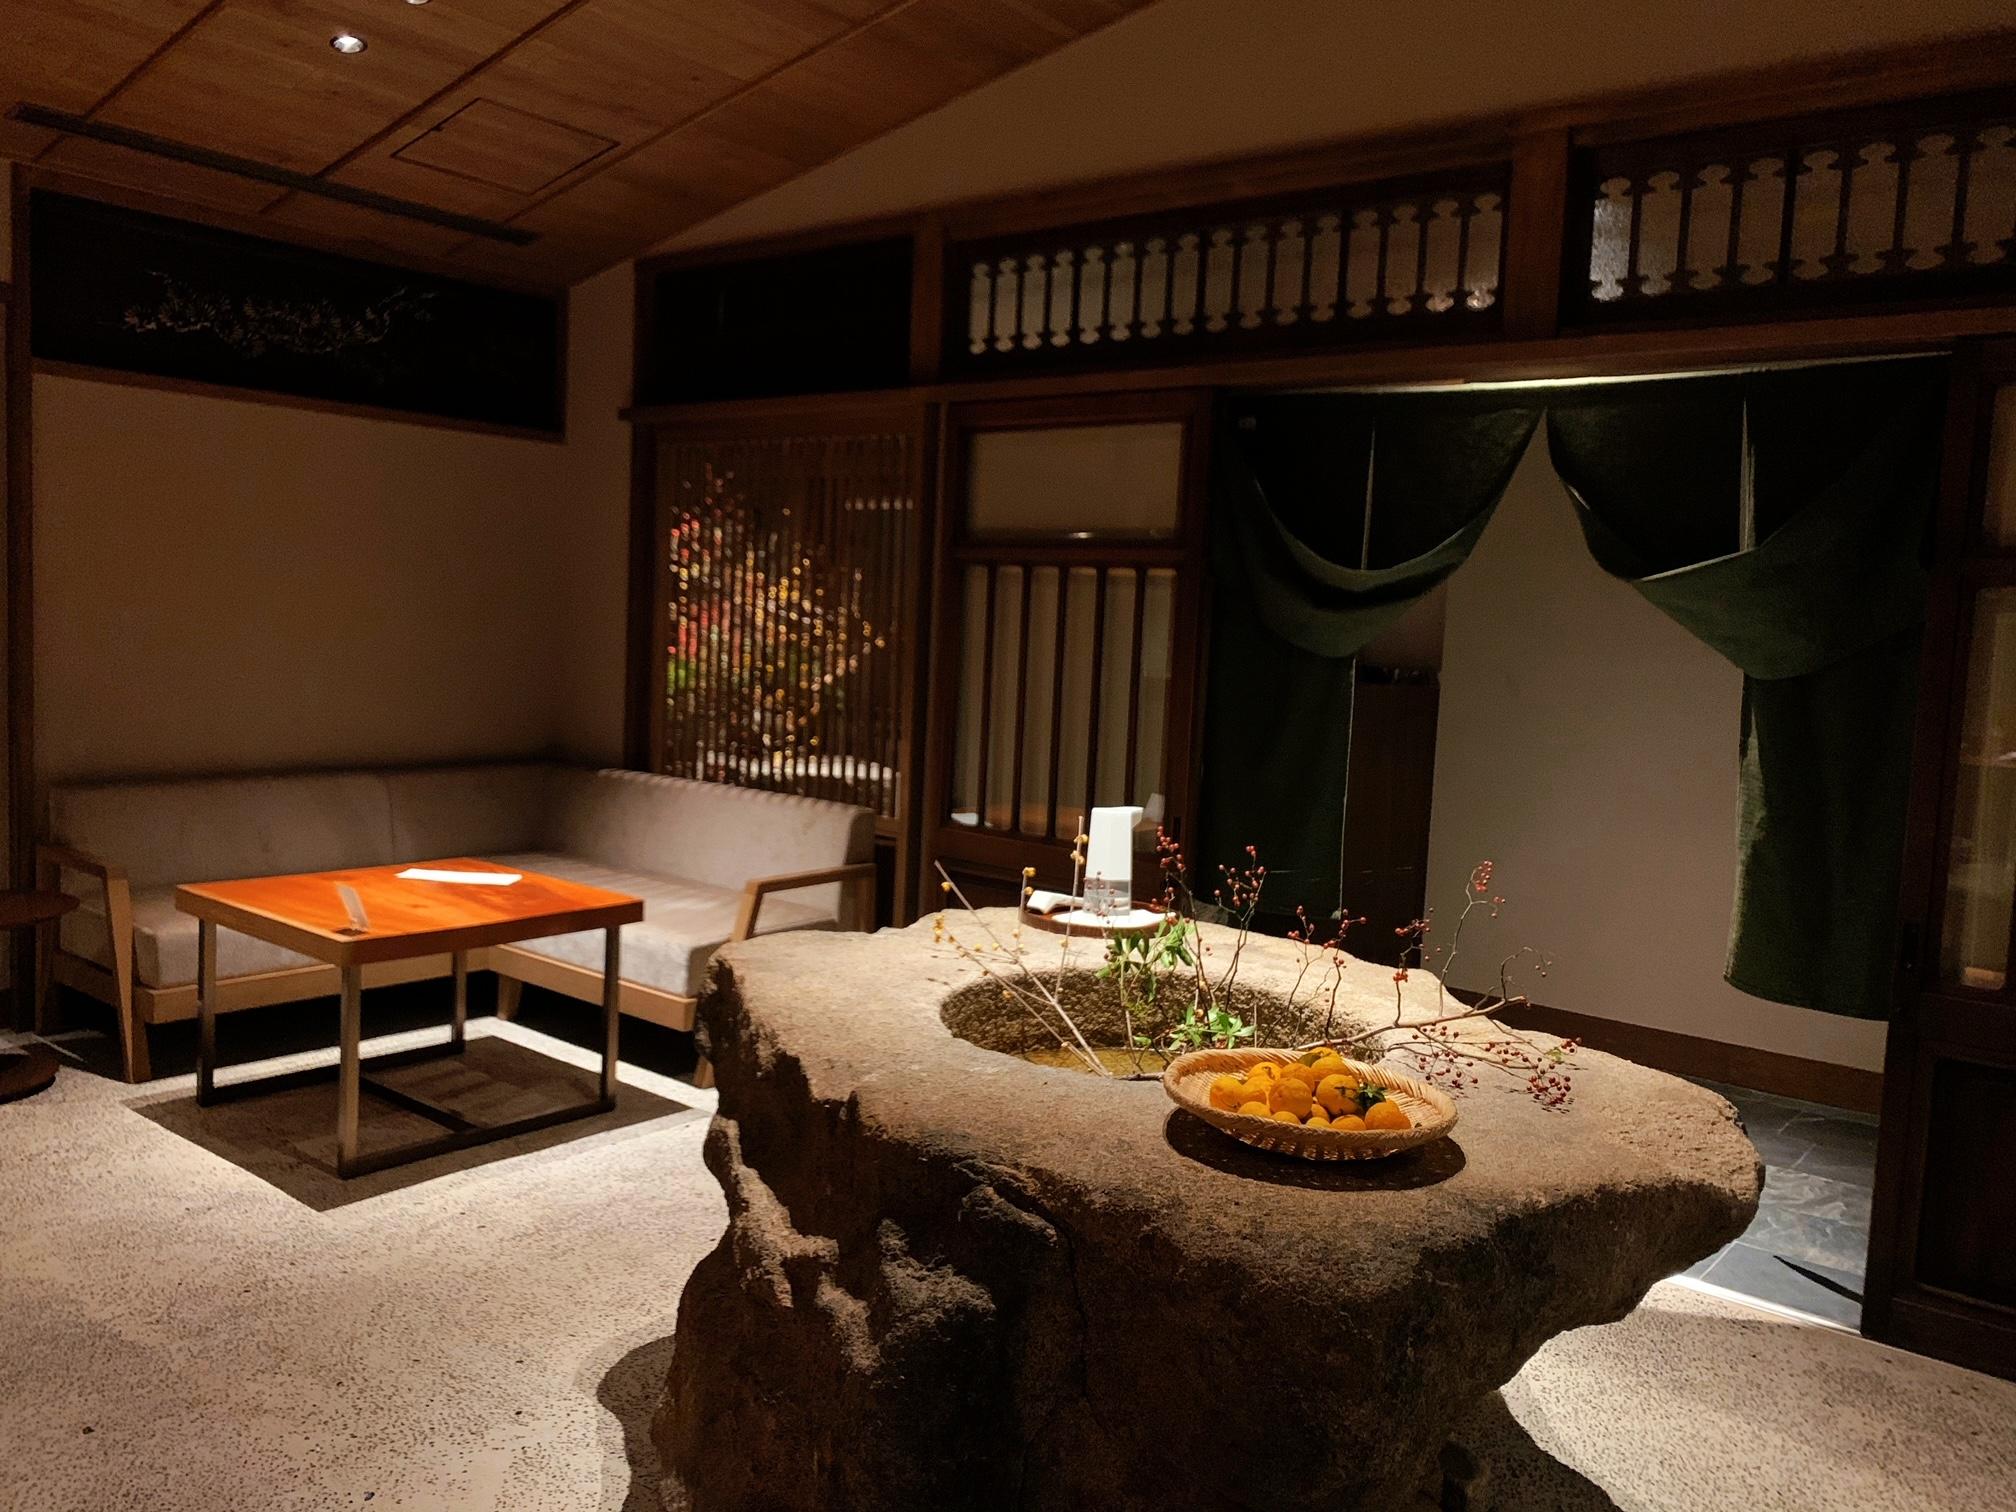 【なかなか予約が取れない!】東京に居ながらにして《箱根の温泉を楽しめる人気スポット》に行ってきた♡_12